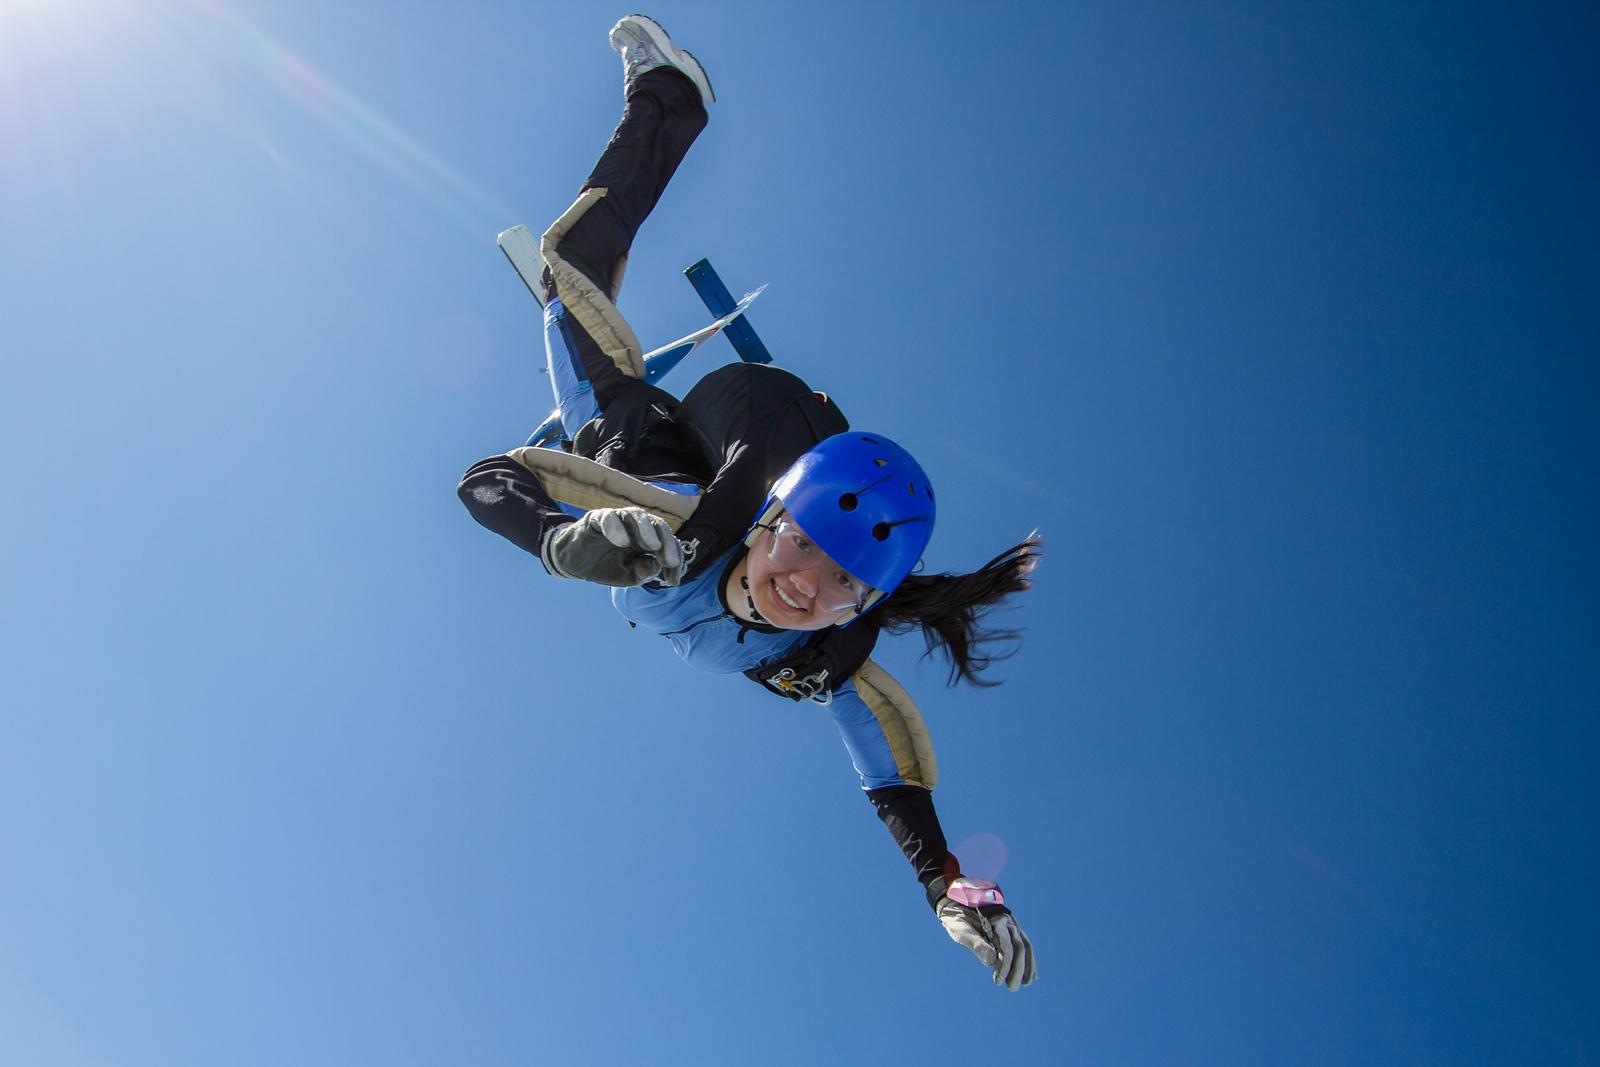 2012-05-28_skydive_cpi_0826